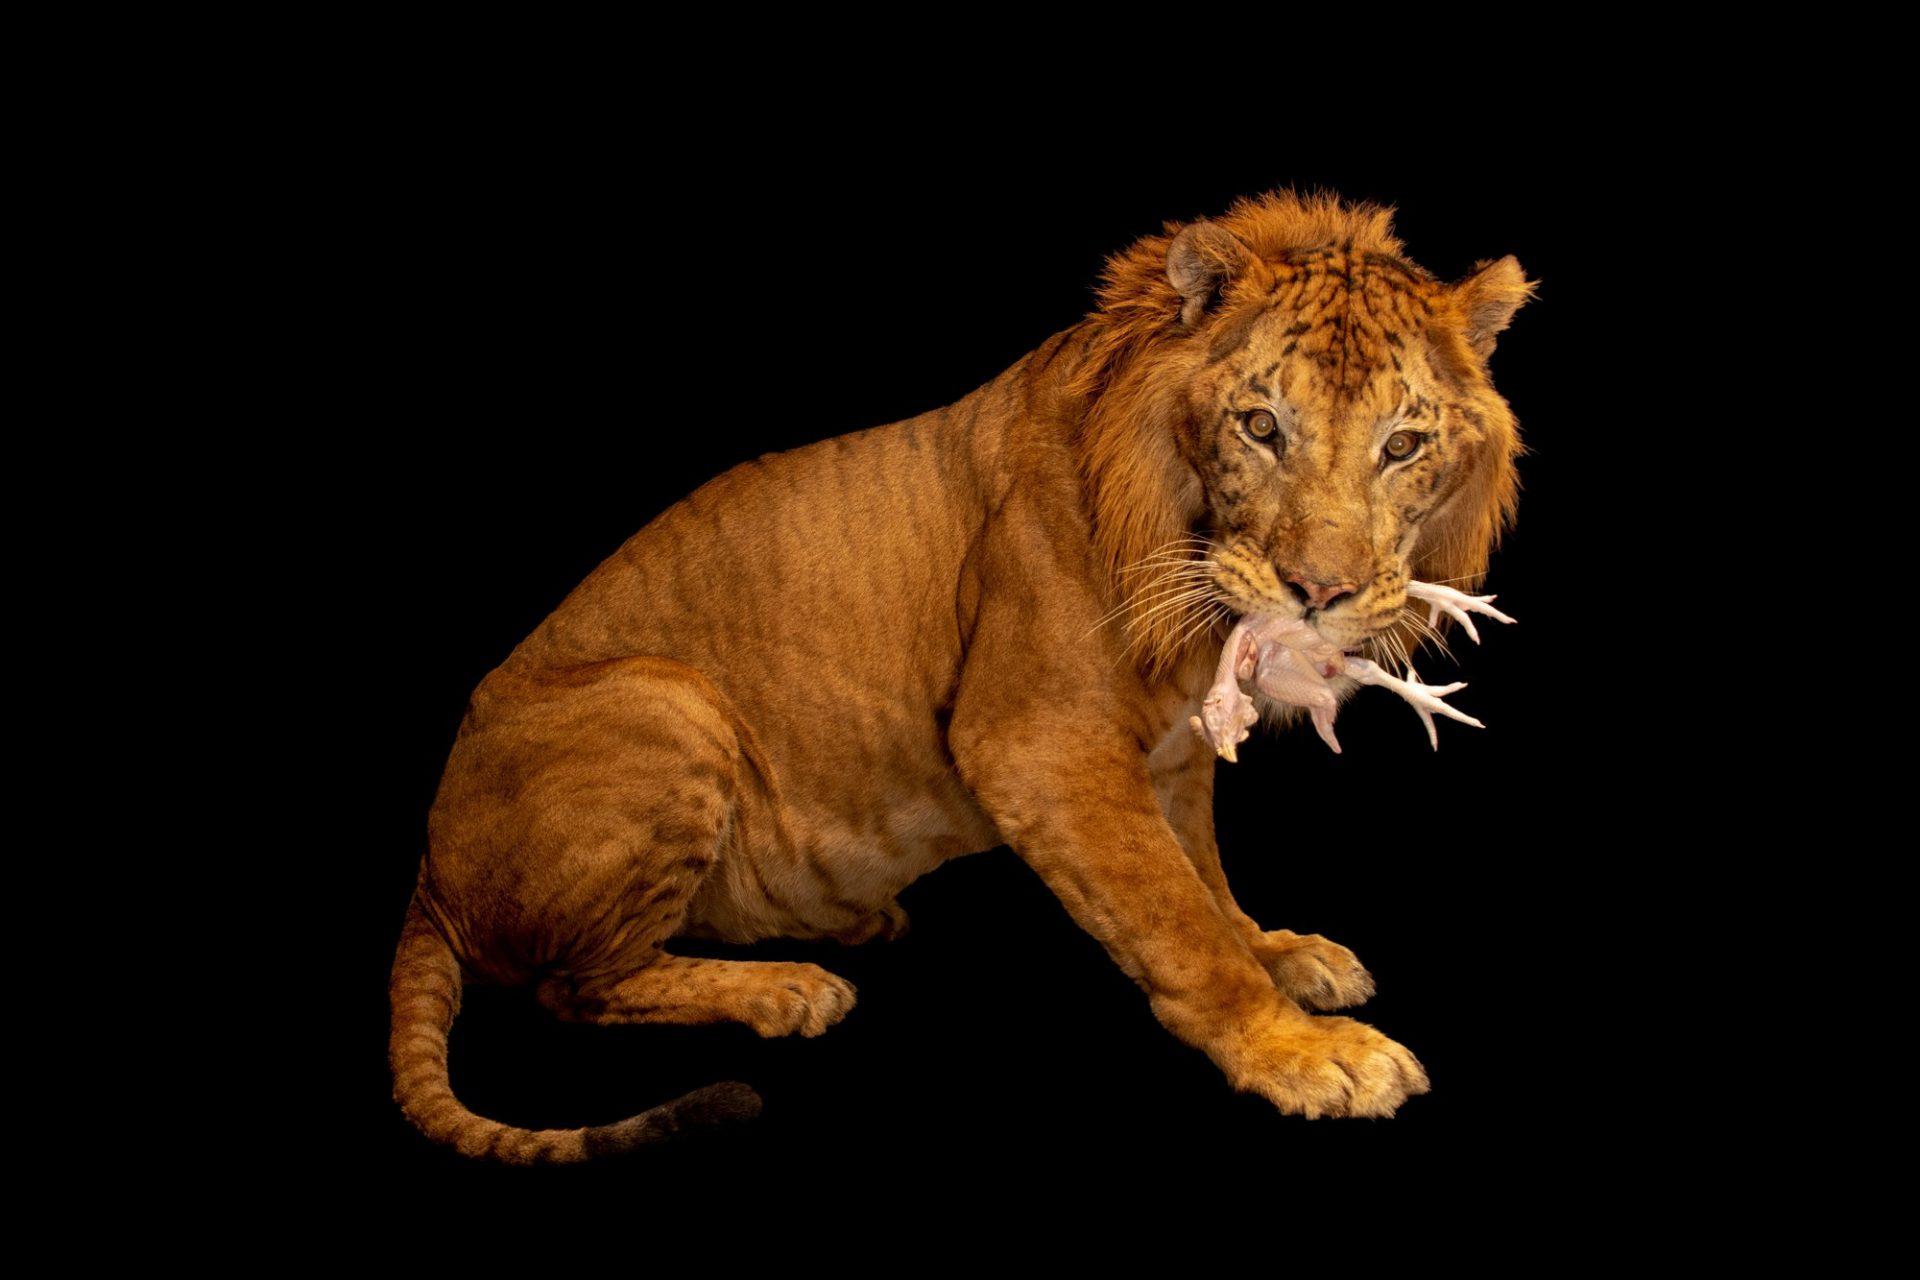 Photo: A liger, Panthera leo x Panthera tigris, at Taman Safari in Bogor, West Java, Indonesia.